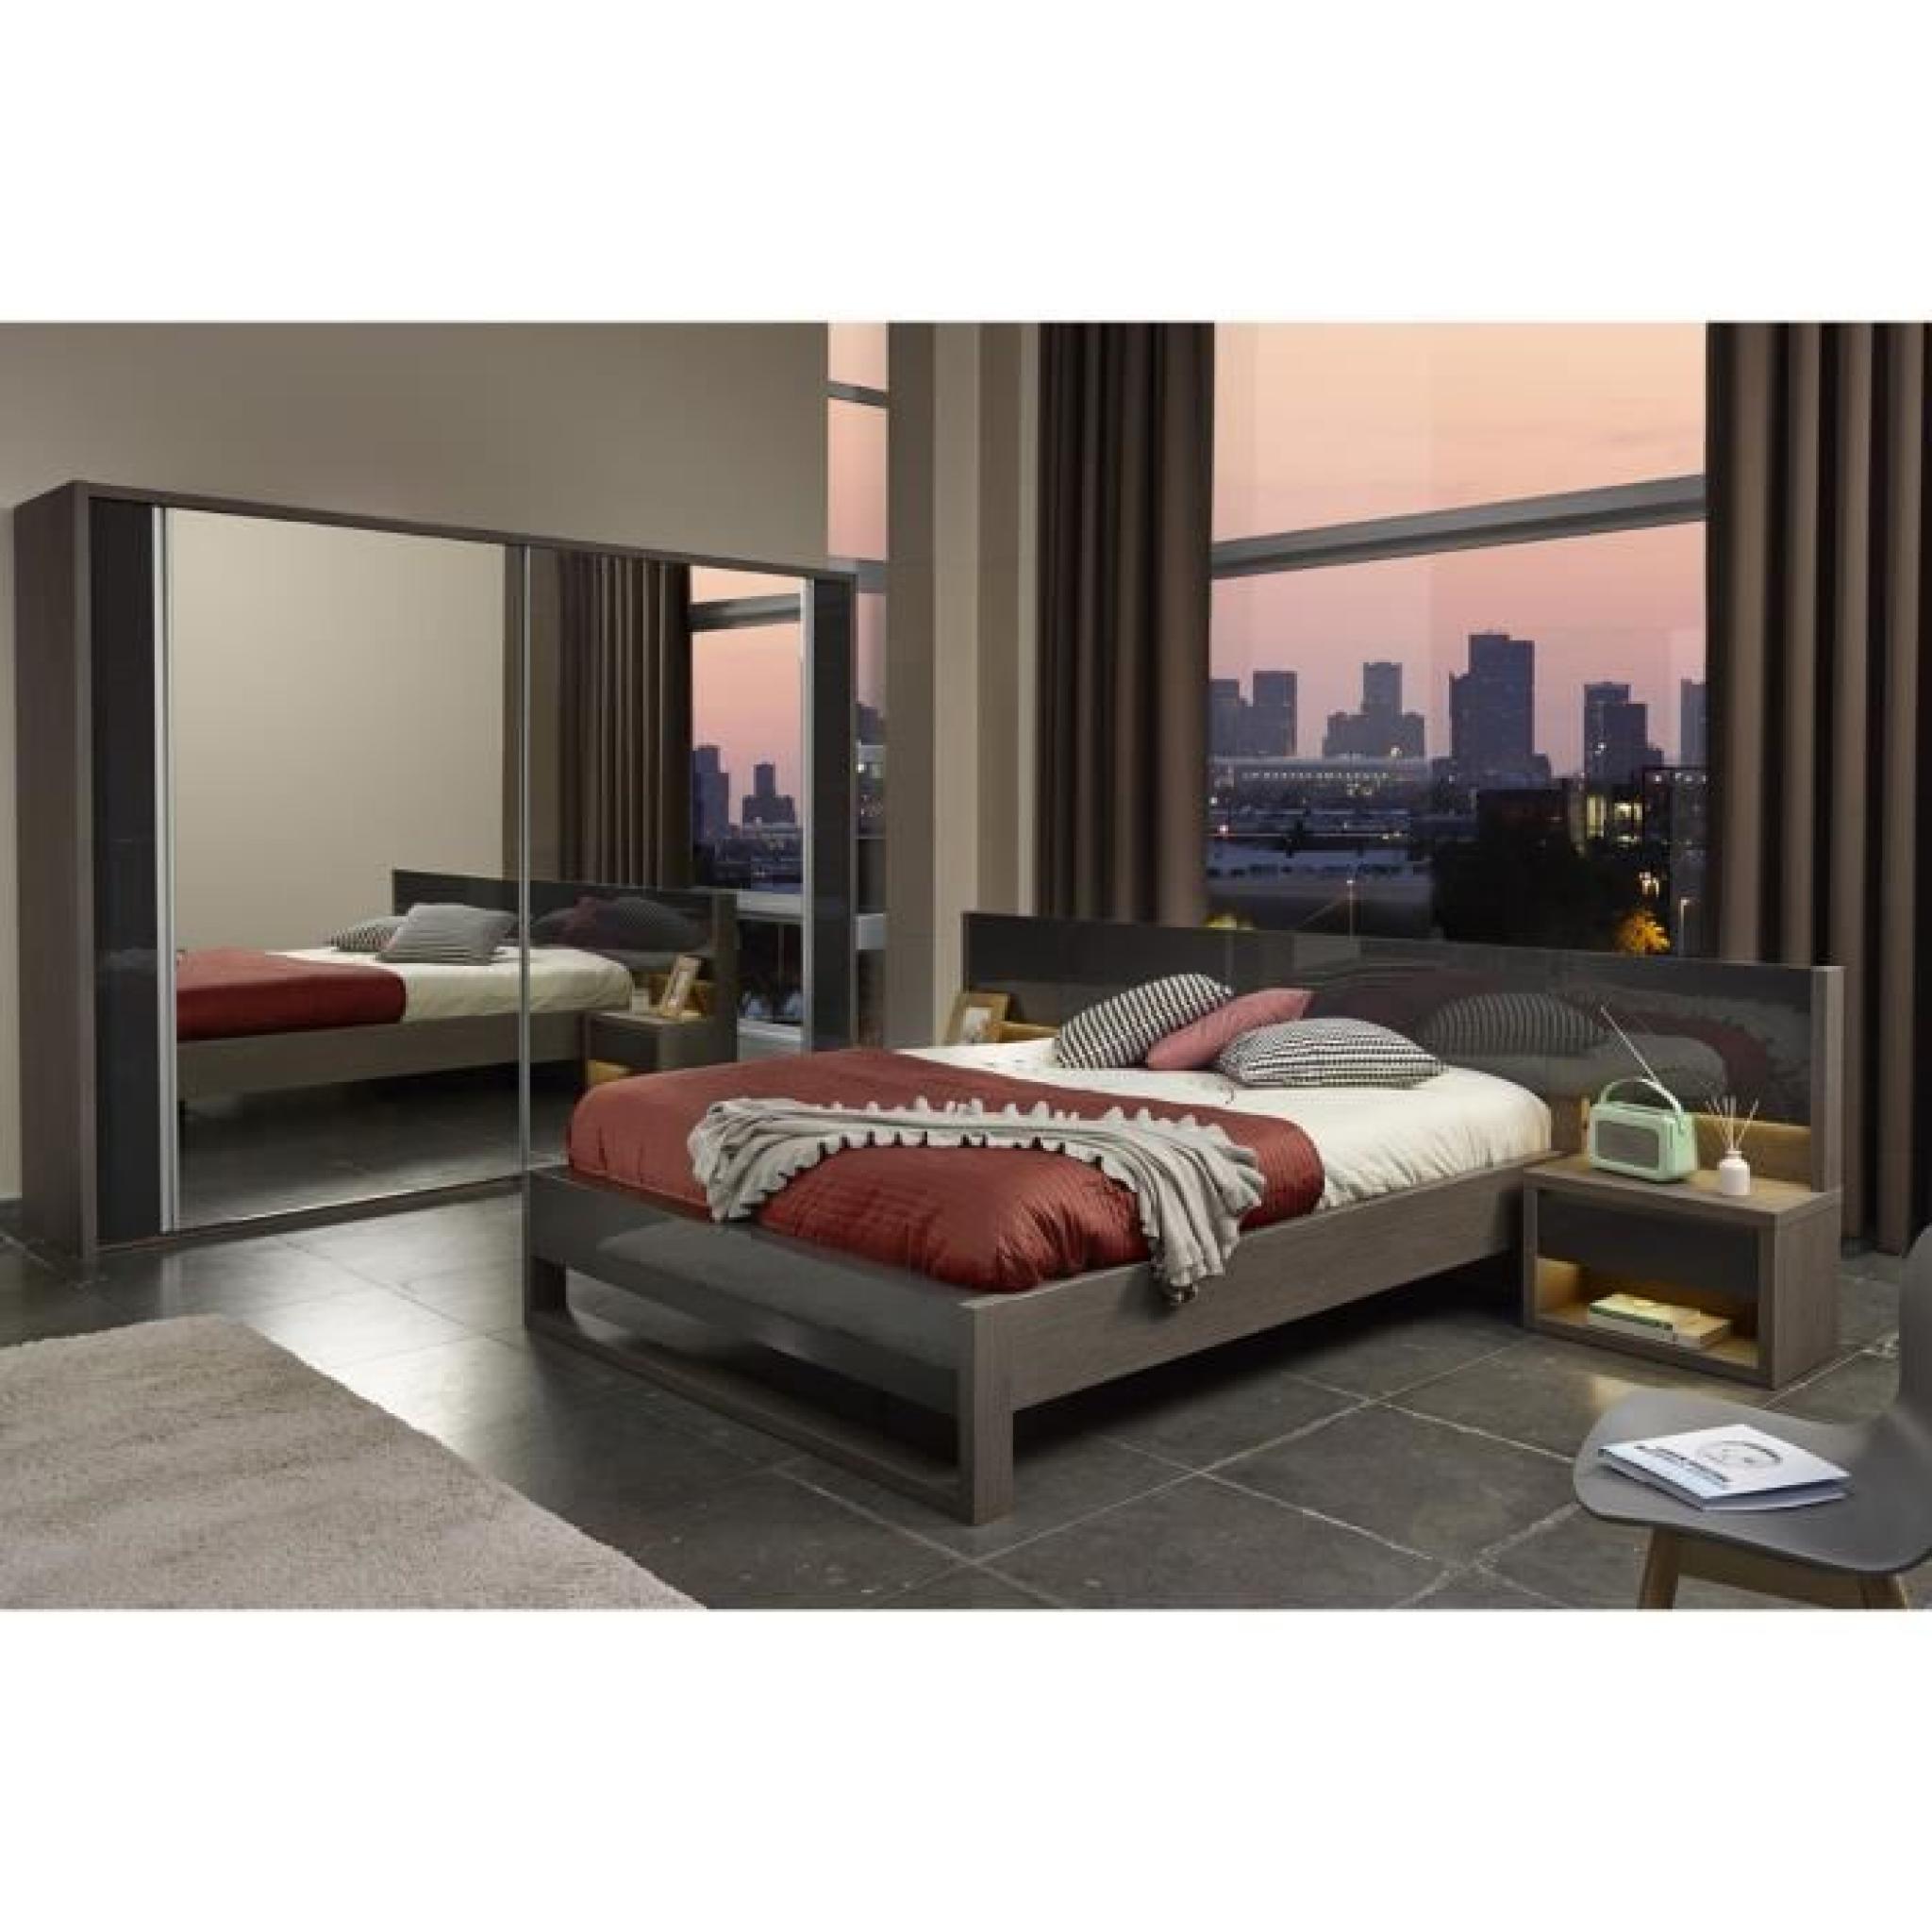 Armoire 230 cm avec miroir coloris ch ne fonc et gris for Armoire miroir chambre